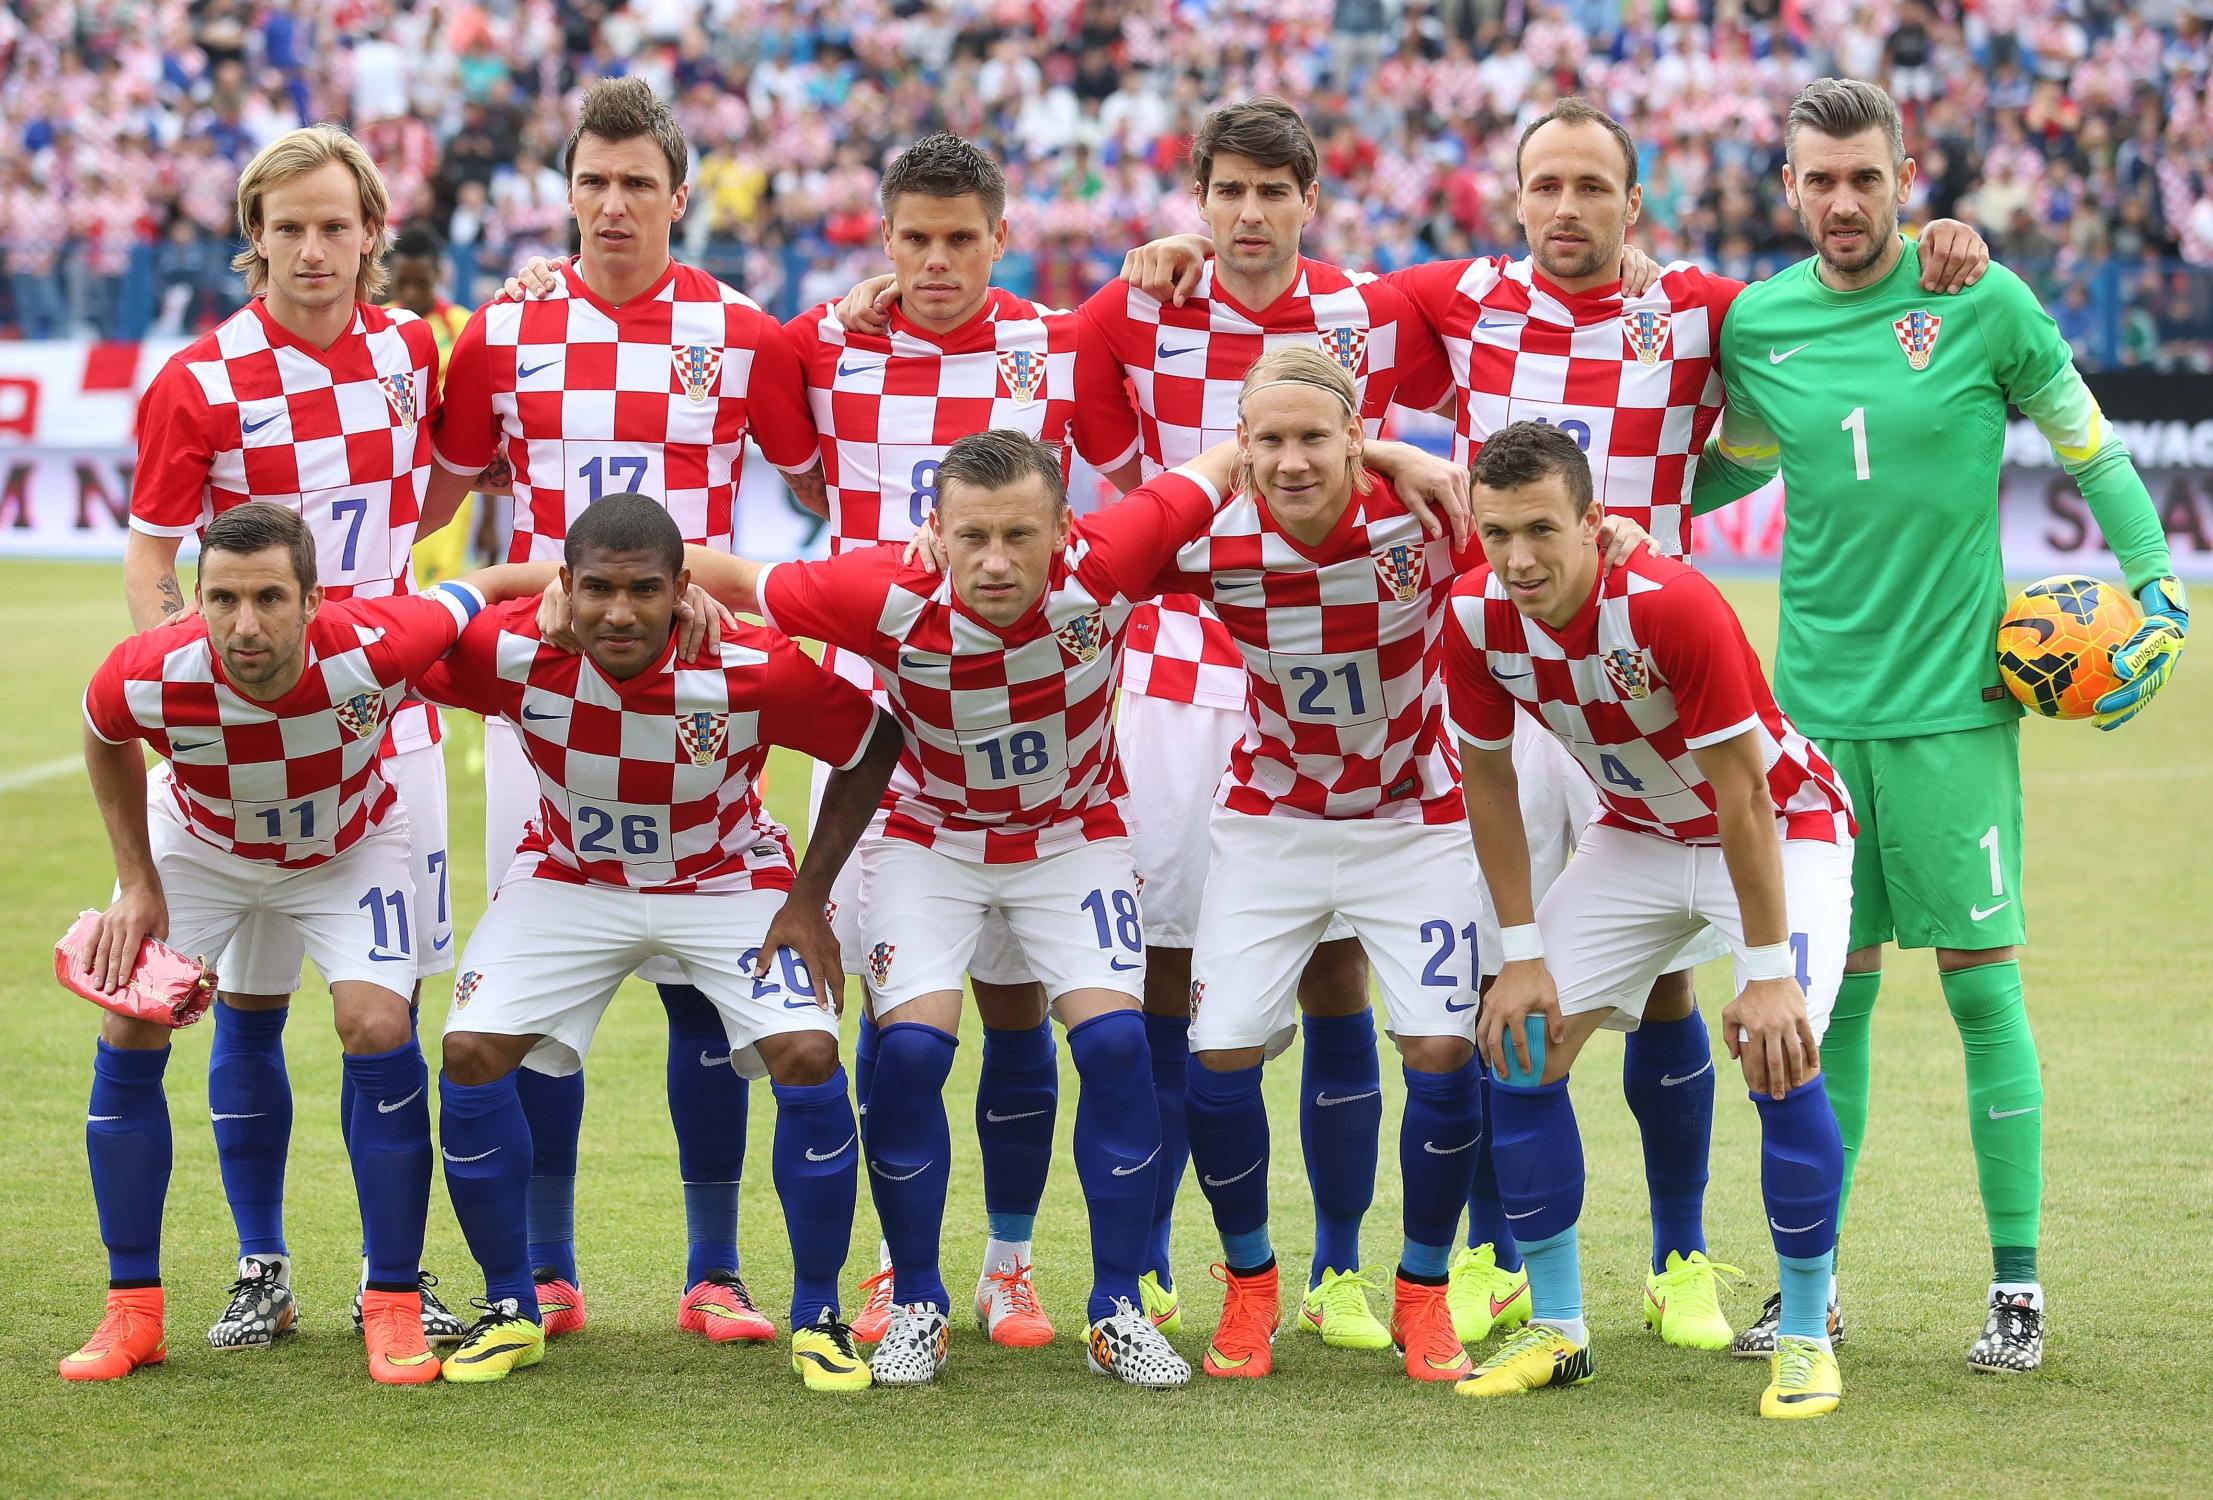 Футбол.чм-2018.прогнозы На Матч Бразилия-хорватия.забьет Ли Хорватия